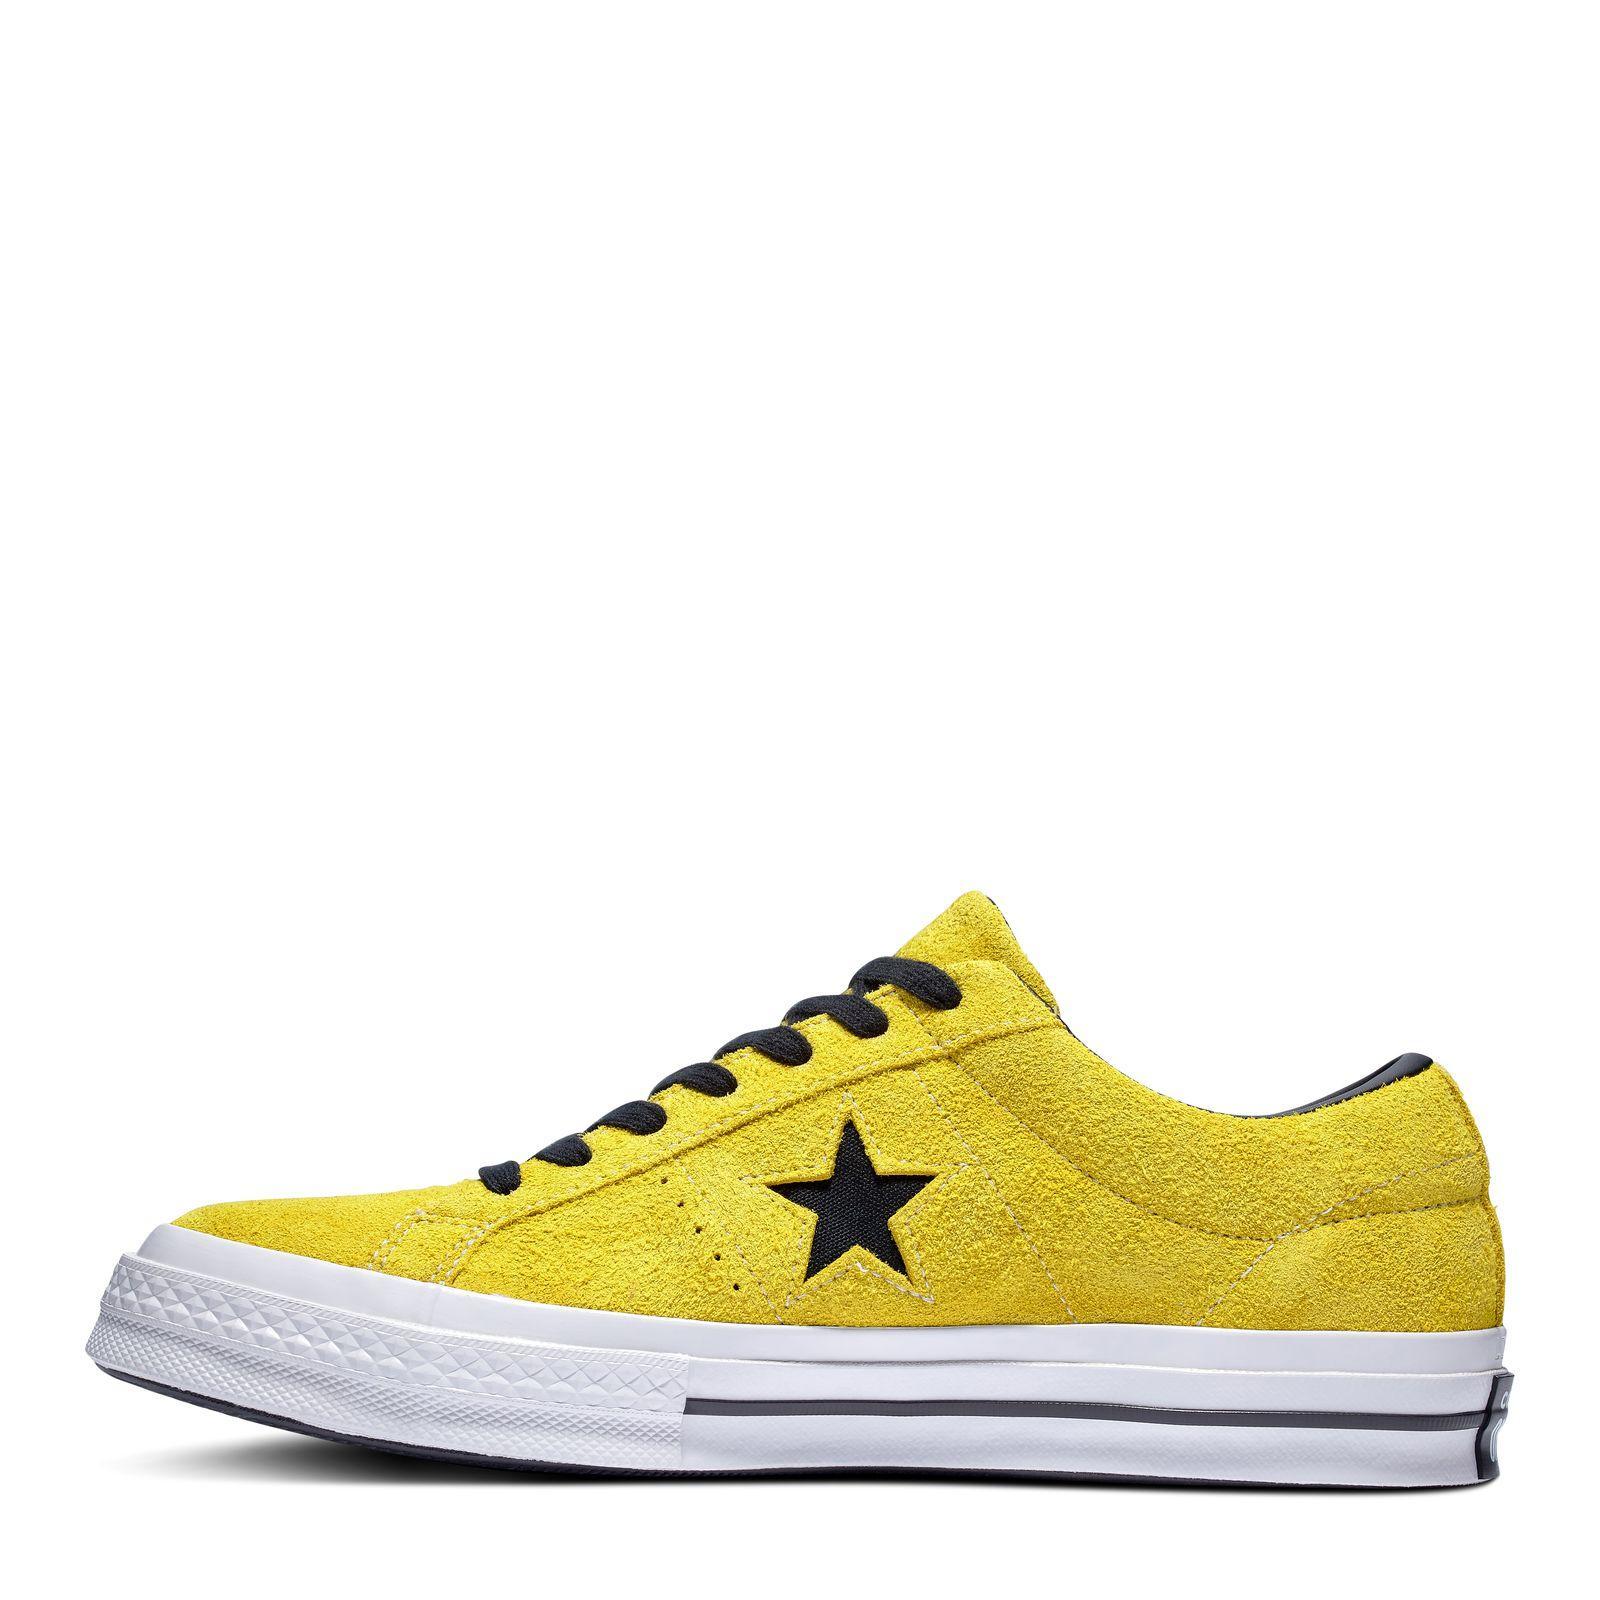 CONVERSE ONE STAR DARK STAR VINTAGE SUEDE BOLD CITRONBLACKWHITE 812819 163245C